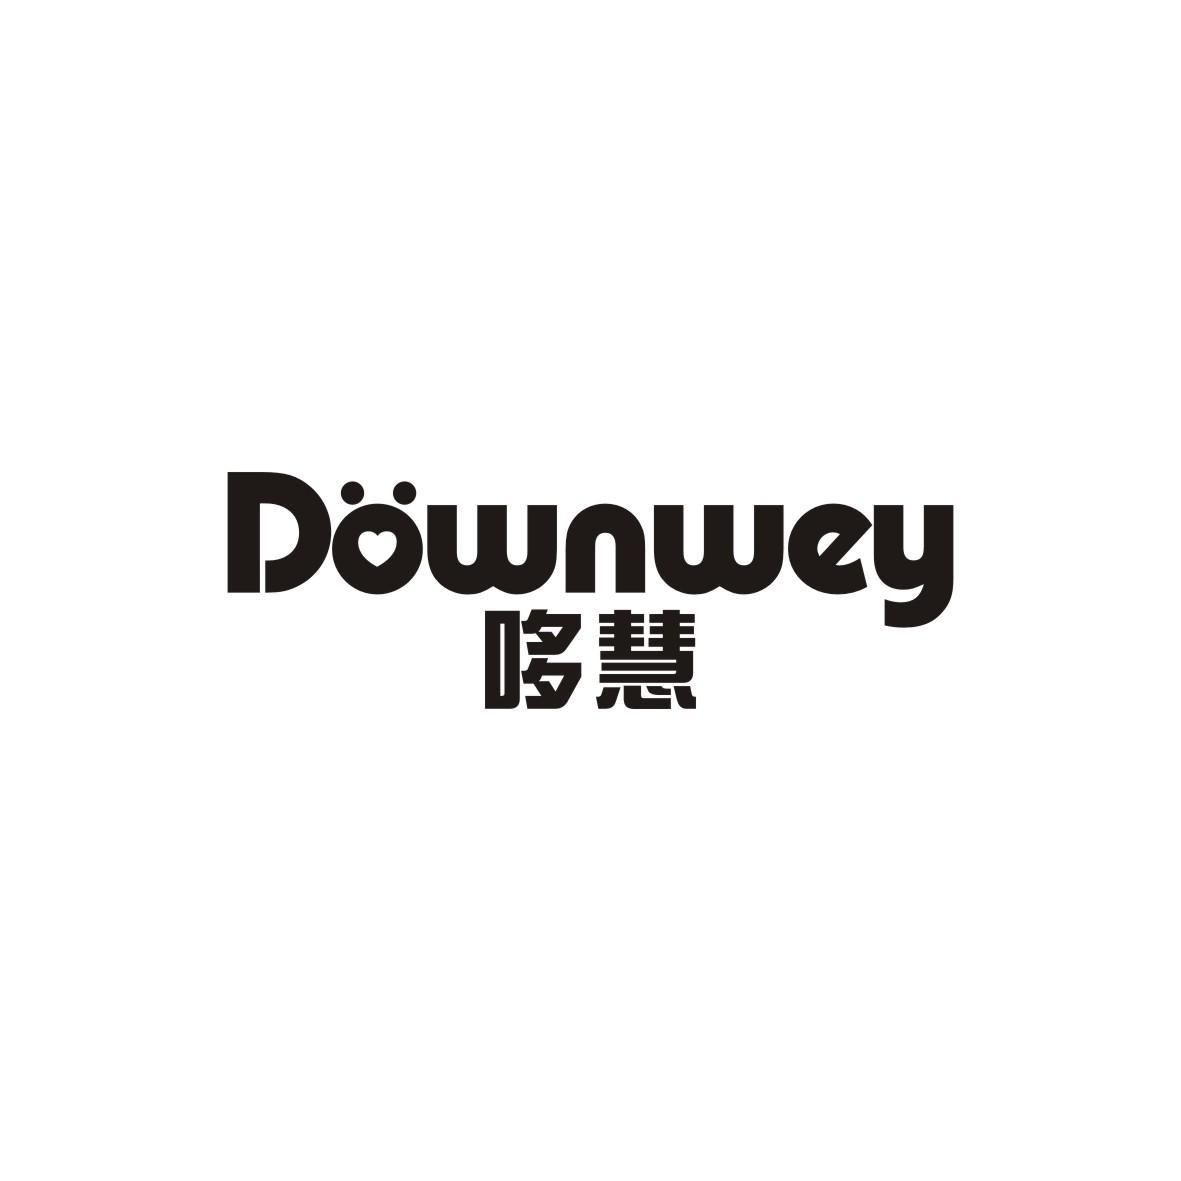 转让商标-哆慧 DOWNWEY